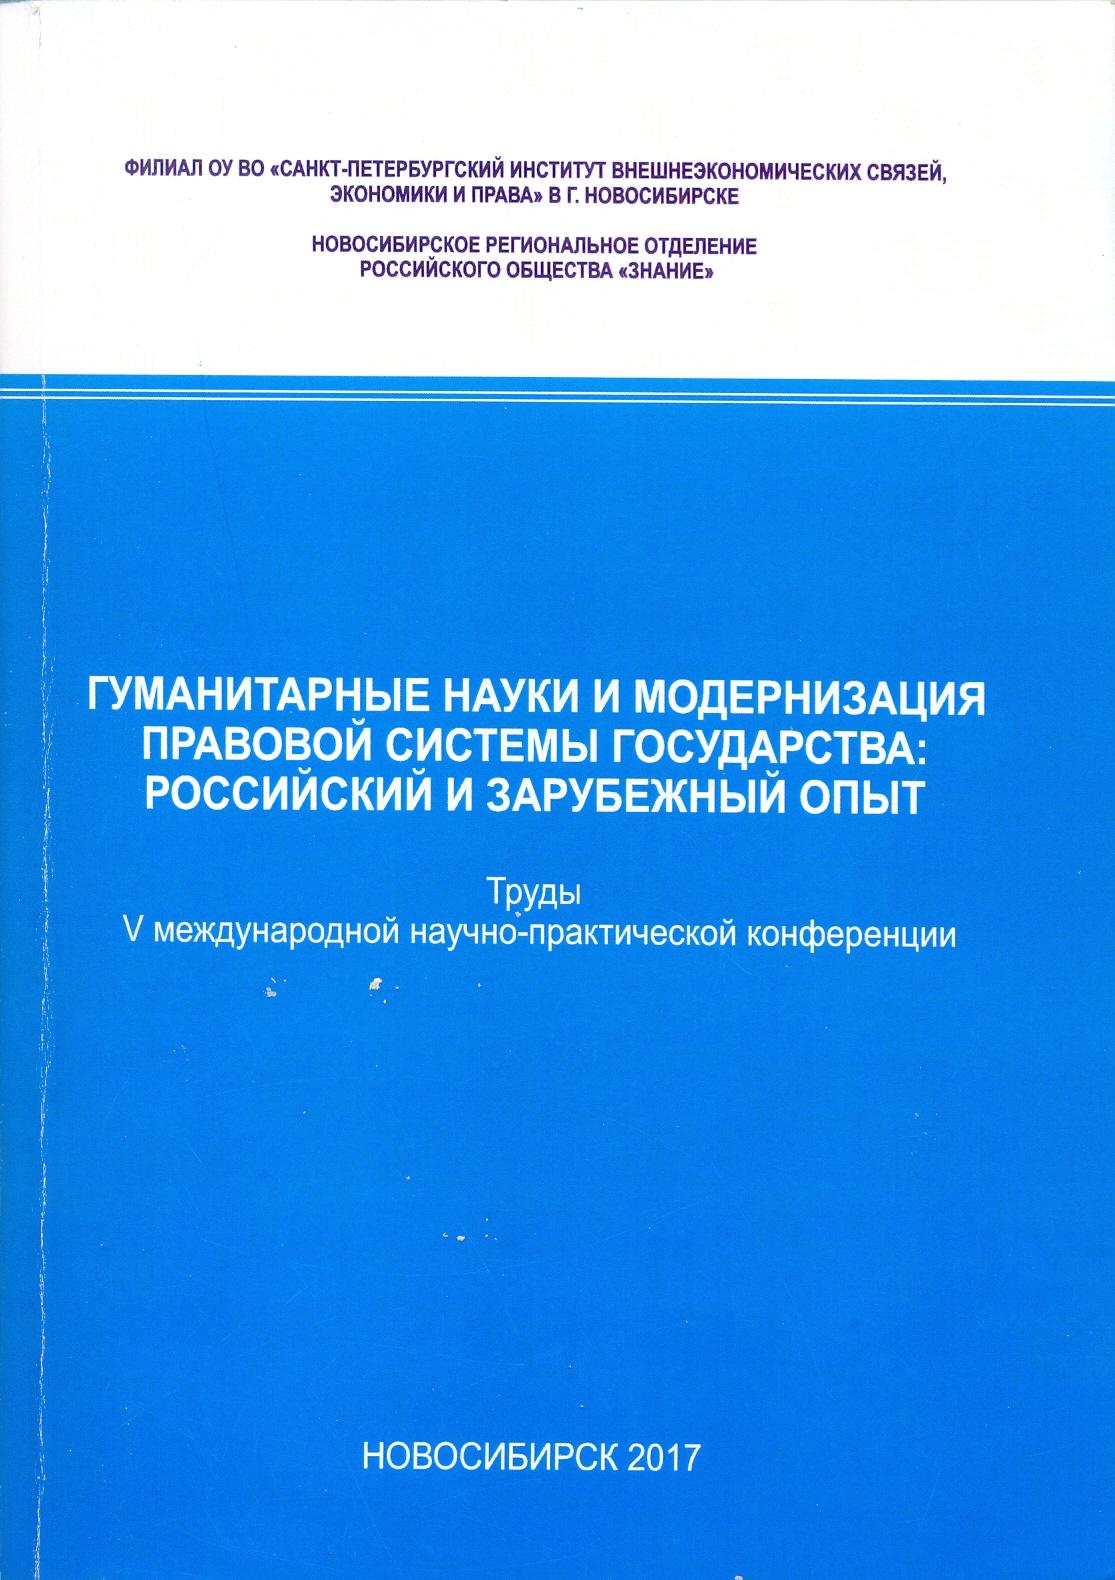 Гуманитарные науки и модернизация правовой системы государства: российский и зарубежный опыт